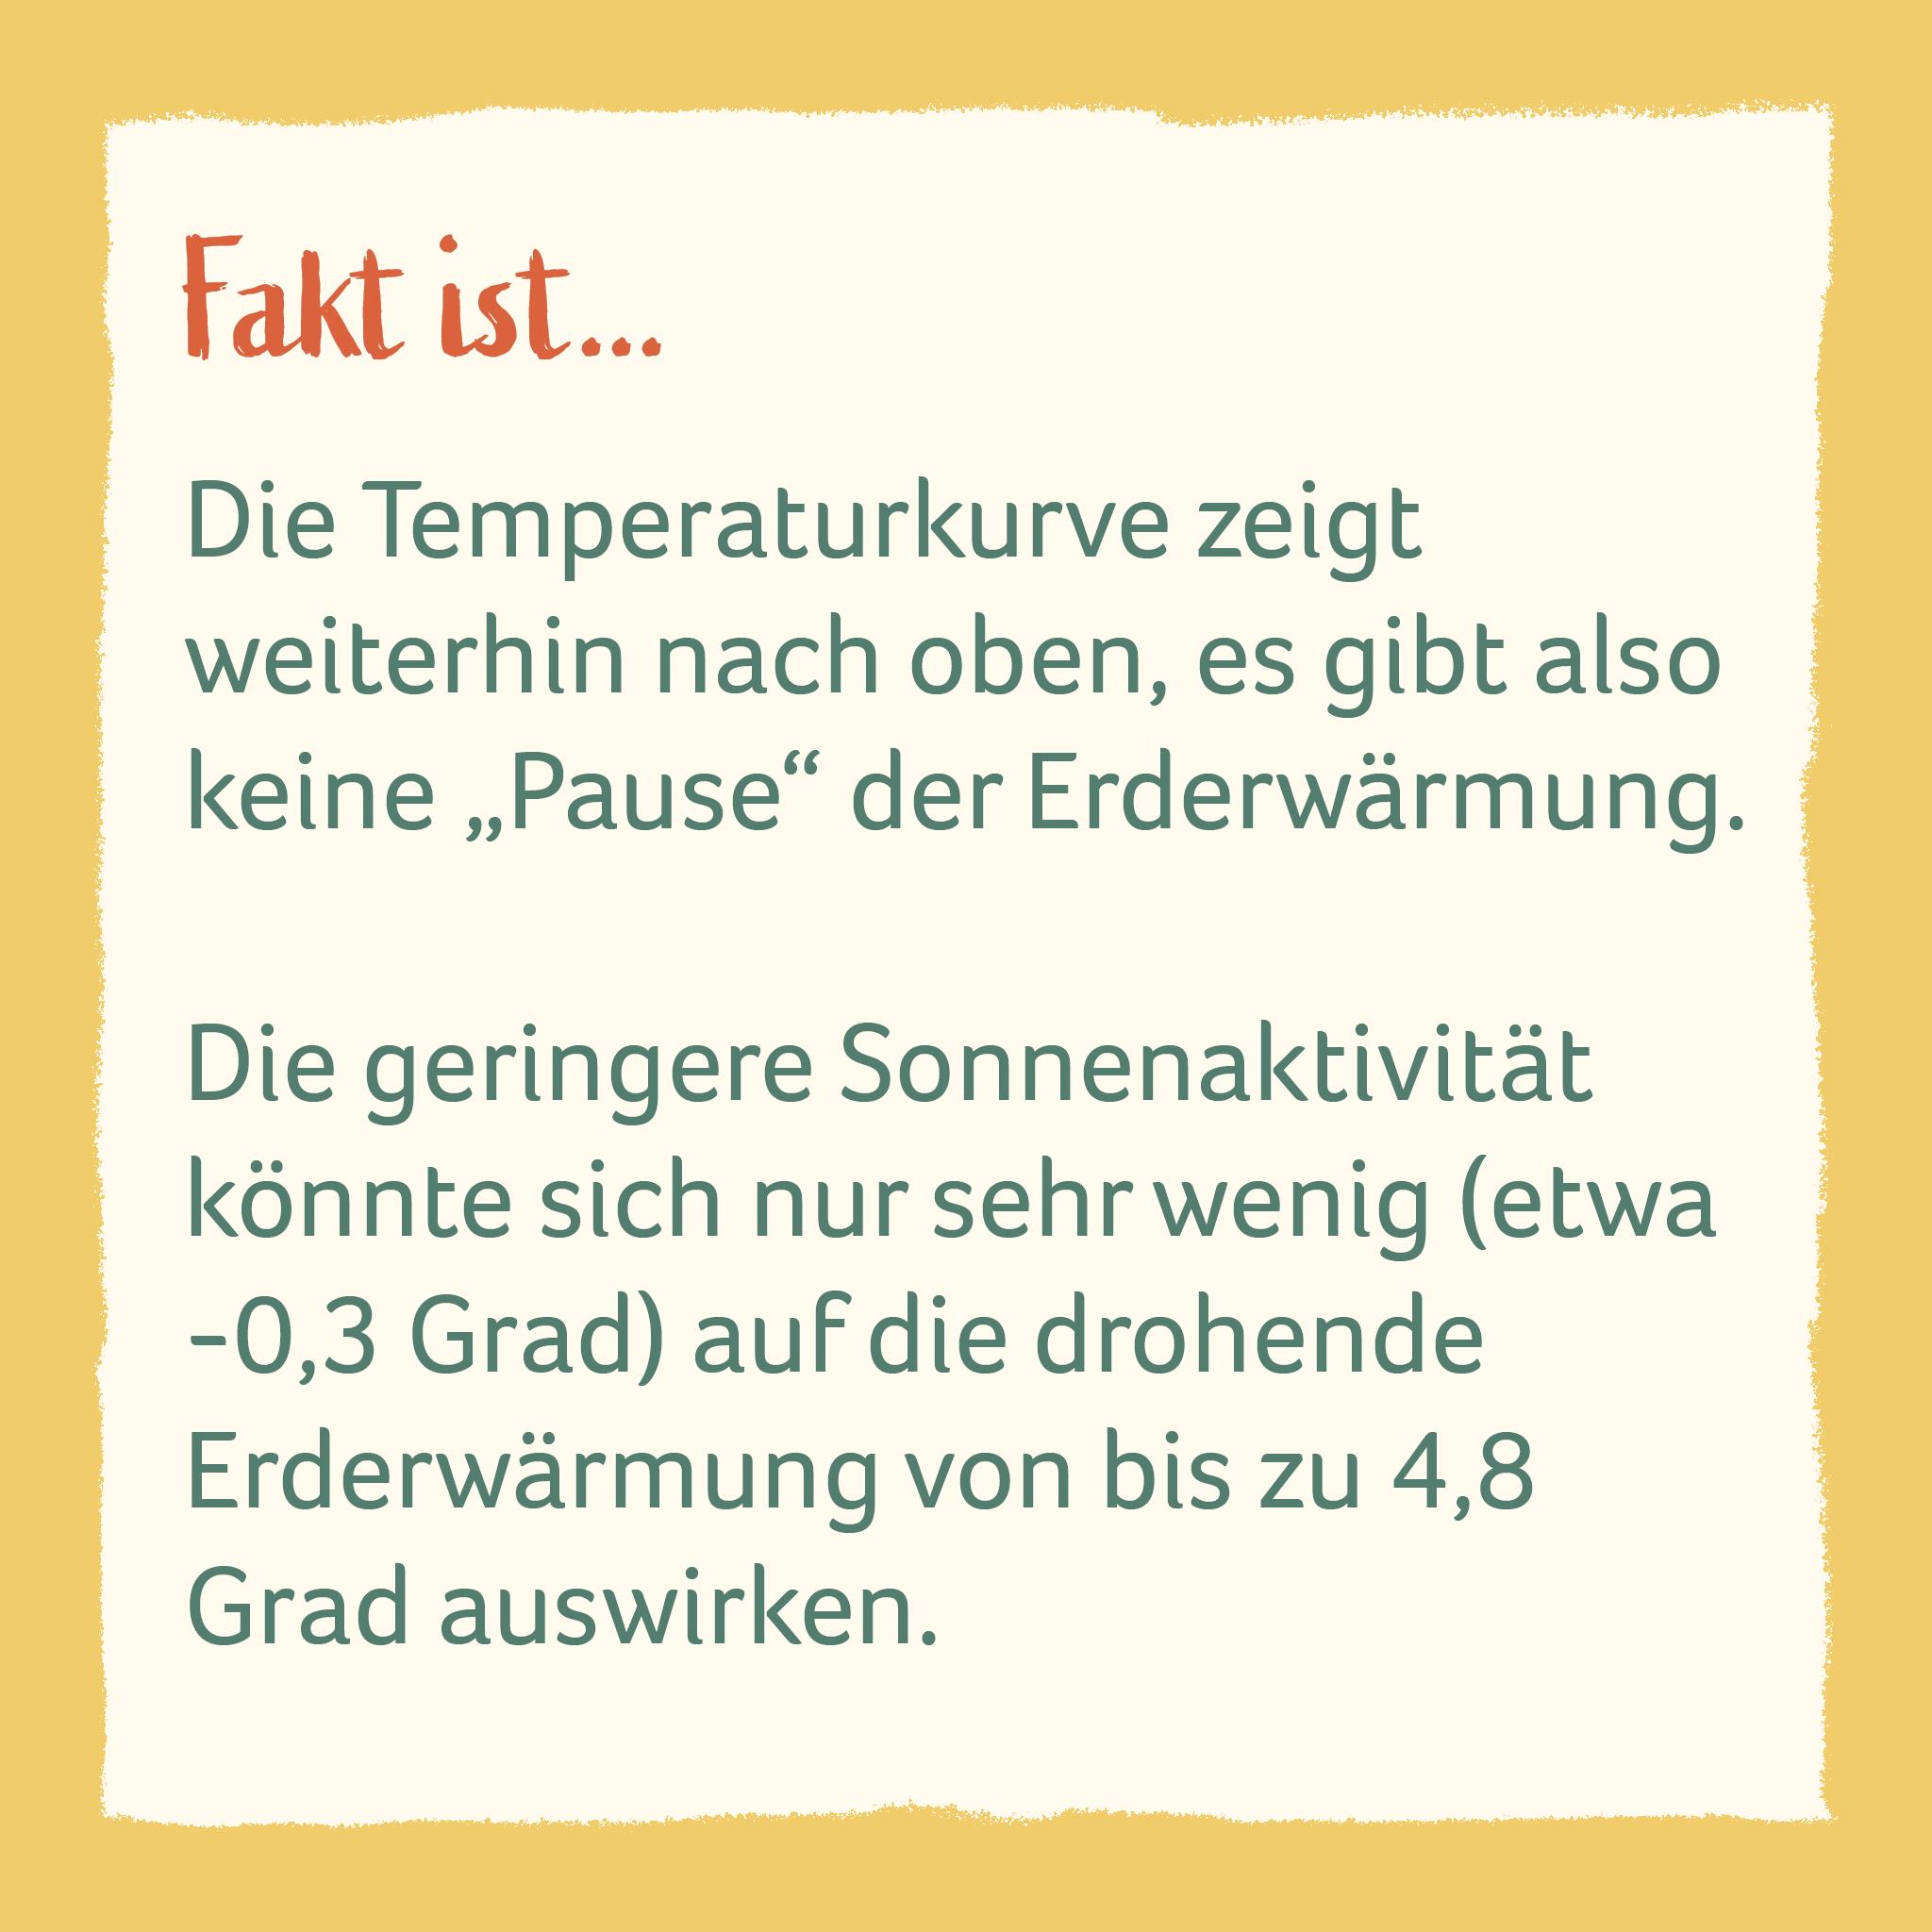 """Die Temperaturkurve zeigt  weiterhin nach oben, es gibt also keine """"Pause"""" der Erderwärmung.   Die geringere Sonnenaktivität könnte sich nur sehr wenig (etwa -0,3 Grad) auf die drohende  Erderwärmung von bis zu 4,8 Grad auswirken."""